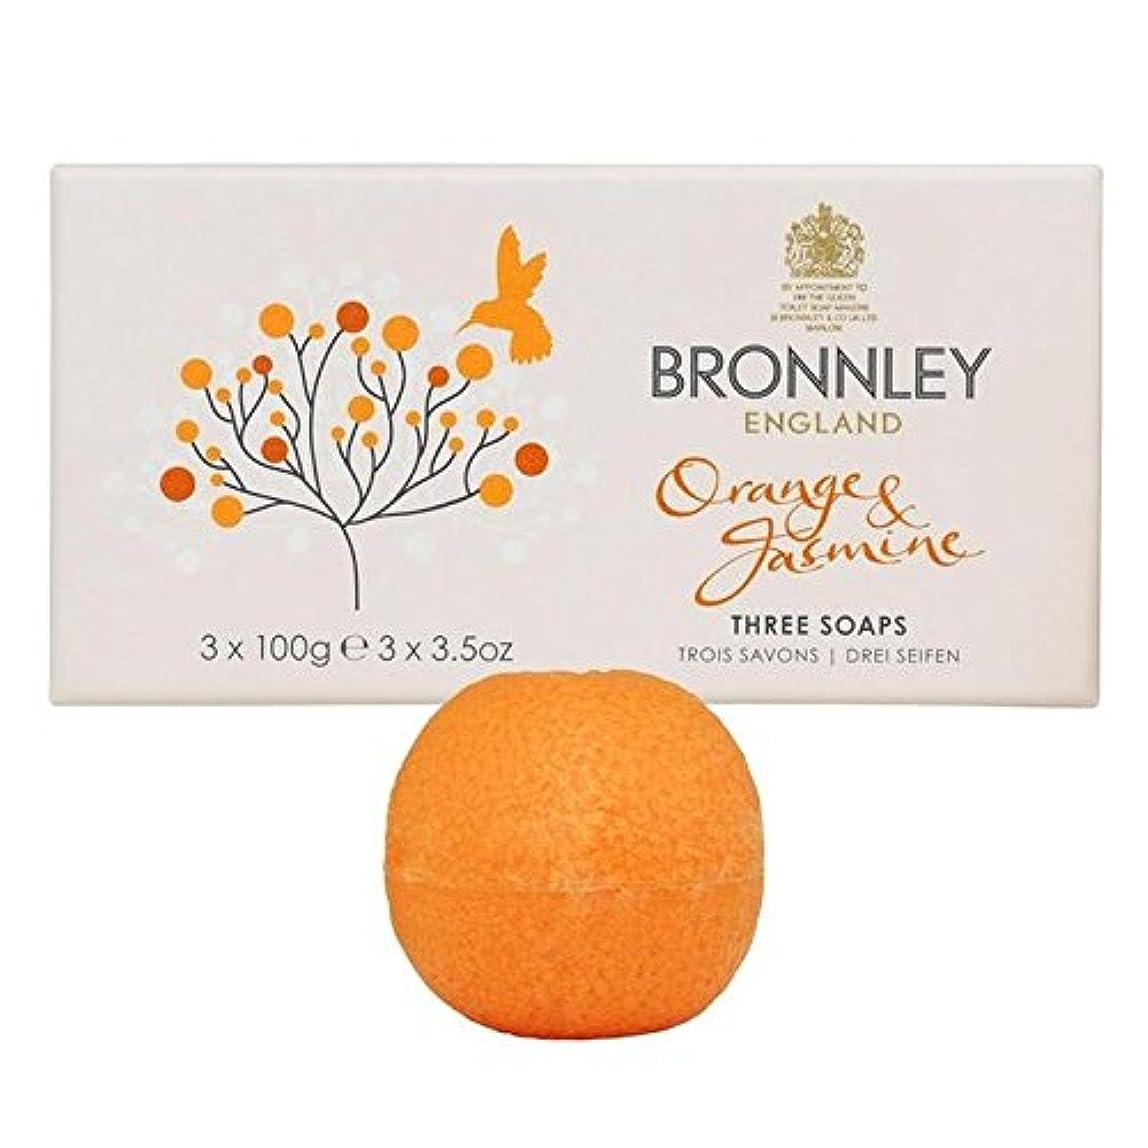 ディプロマ利益秋オレンジ&ジャスミン石鹸3×100グラム x4 - Bronnley Orange & Jasmine Soaps 3 x 100g (Pack of 4) [並行輸入品]